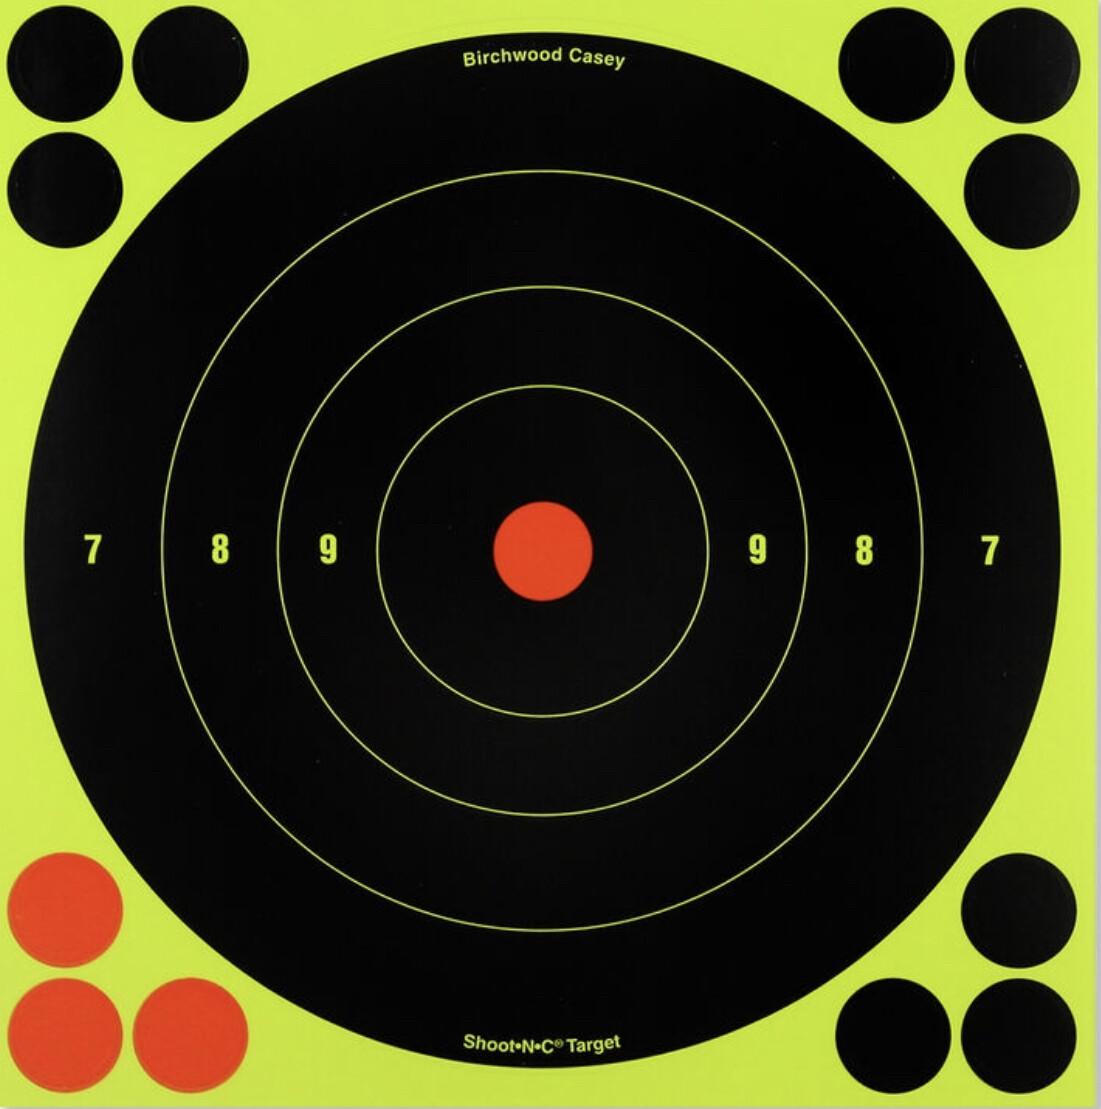 """Birchwood Casey Shoot-N-C Targets 8"""" Round Bull's Eye, 30 pack"""